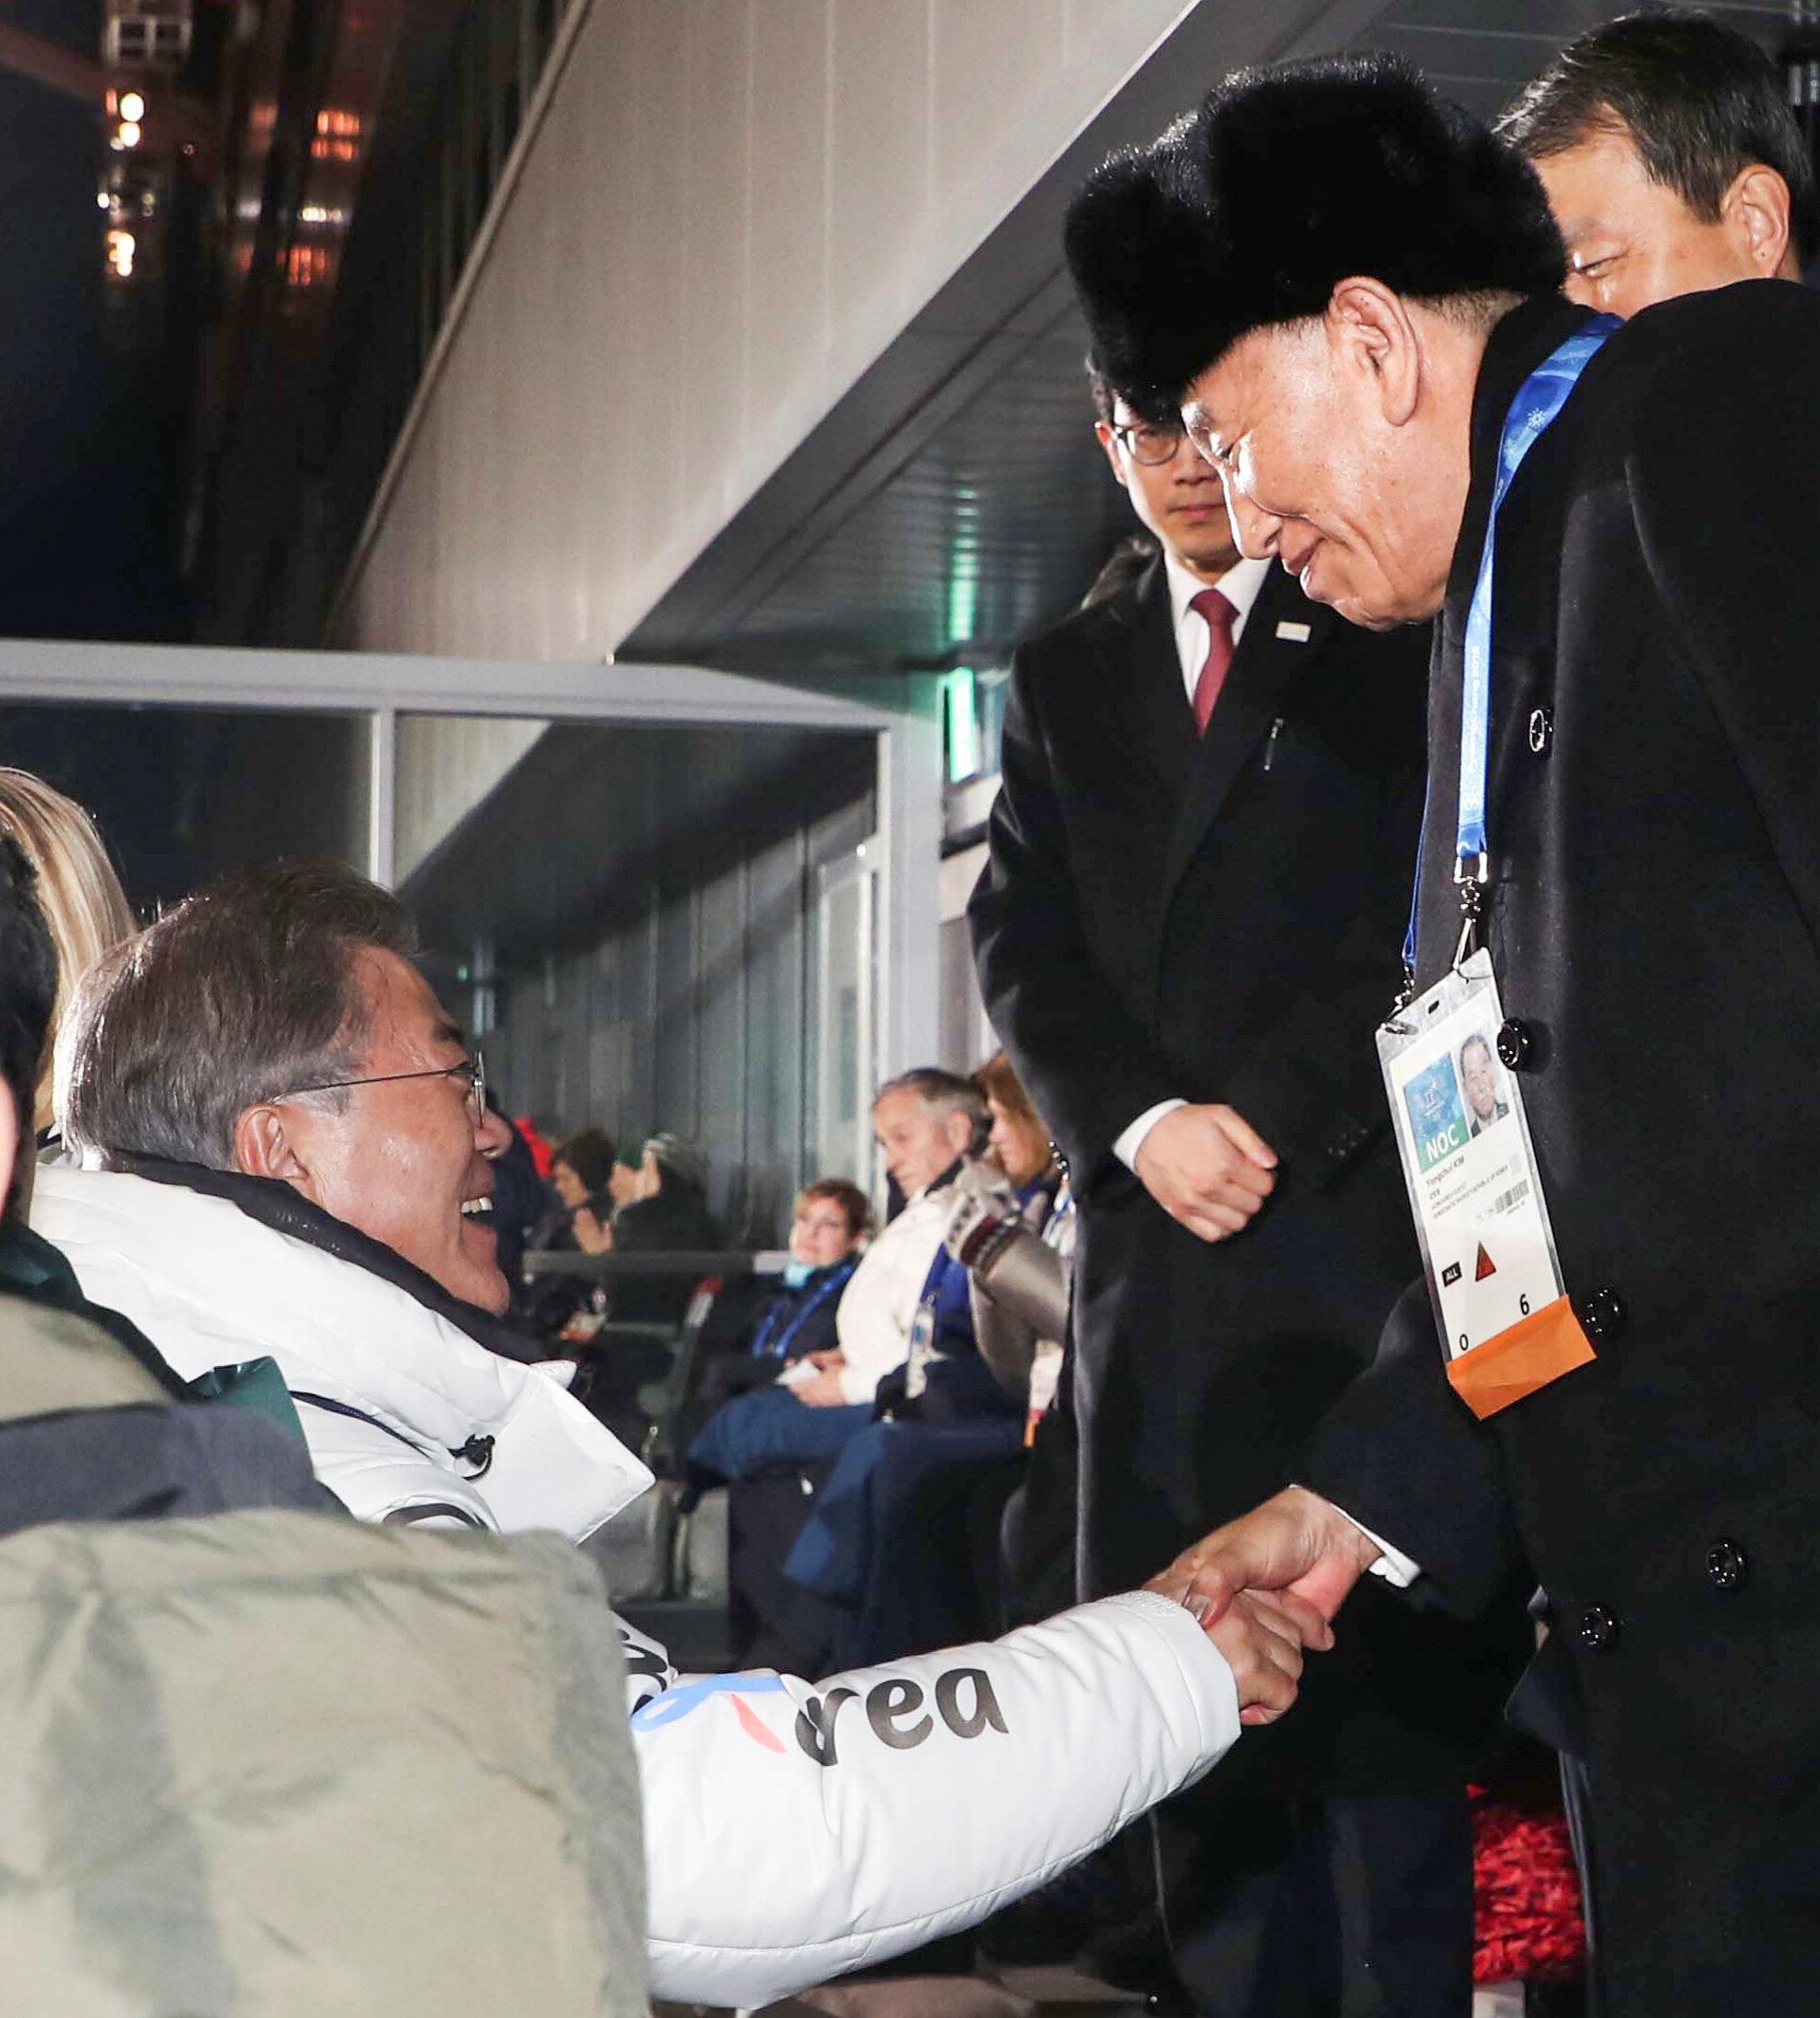 Tổng thống Hàn Quốc Moon Jae In (áo trắng) bắt tay tướng Bắc Triều Tiên Kim Yong Chol, trong lễ bế mạc TVH Mùa Đông Pyeongchang, ngày 25/02/2018